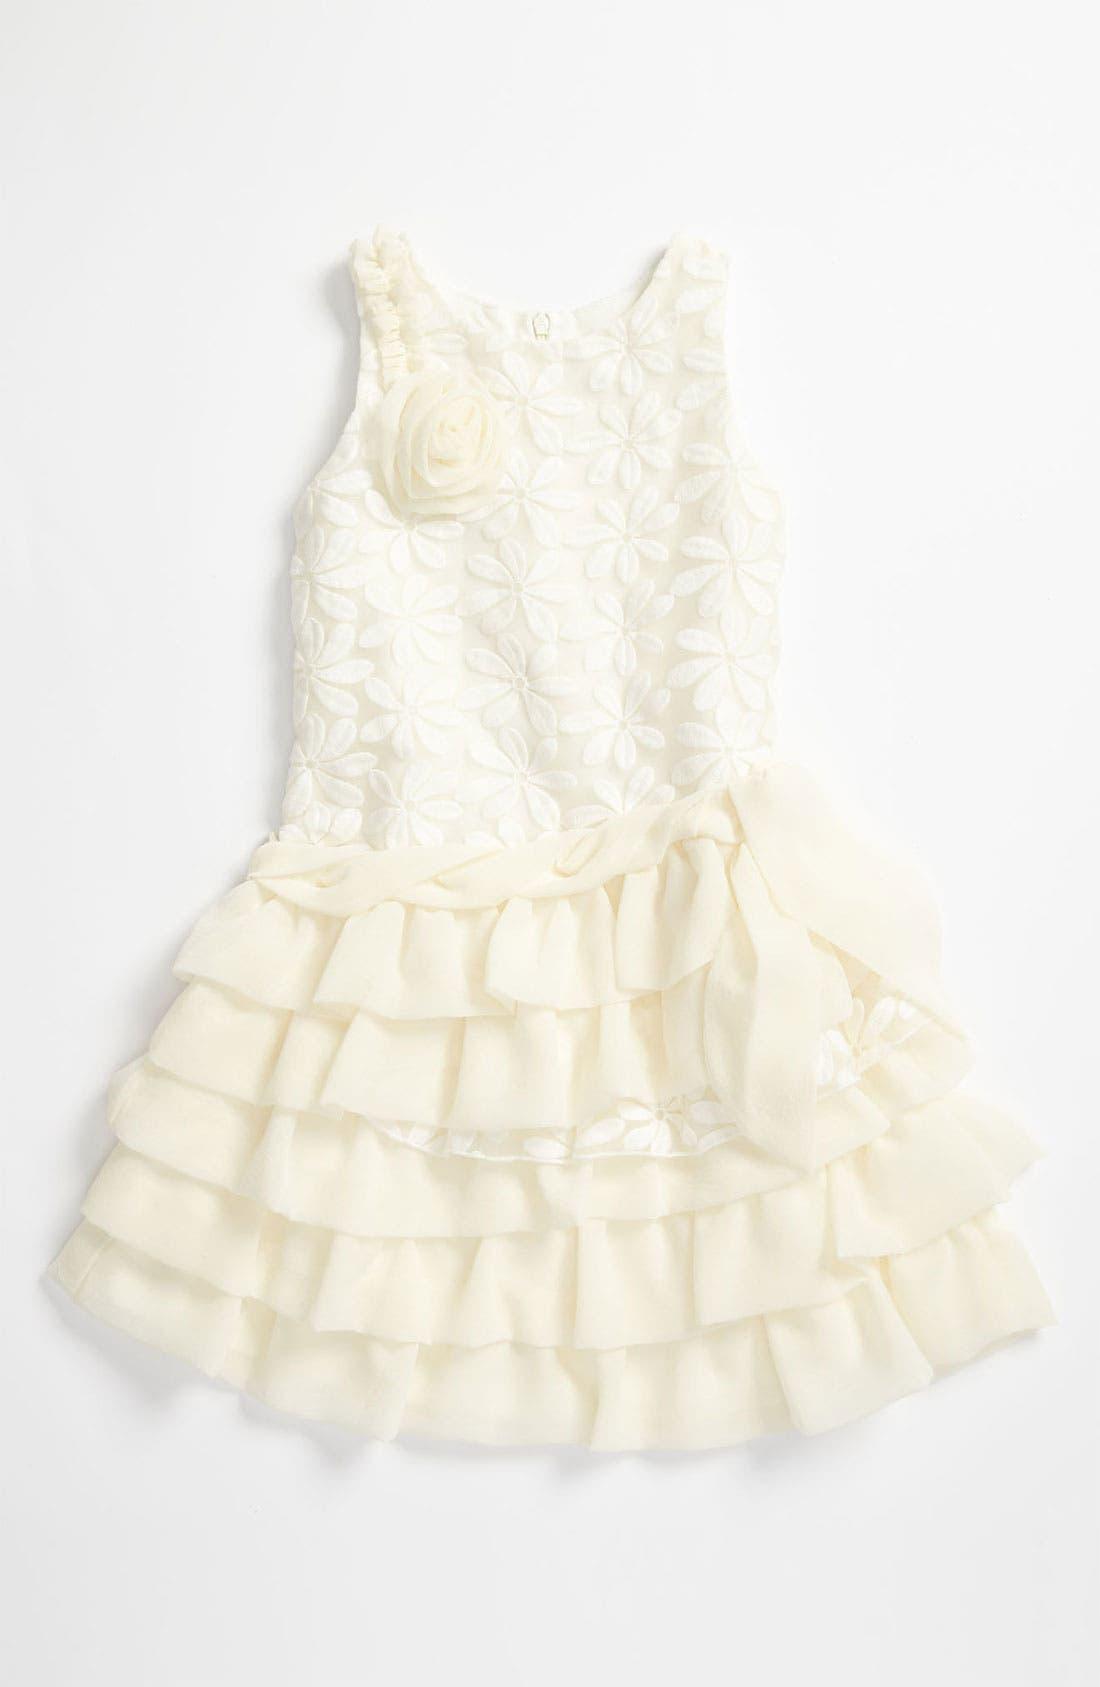 Alternate Image 1 Selected - Isobella & Chloe 'Garden Party' Drop Waist Dress (Little Girls & Big Girls)